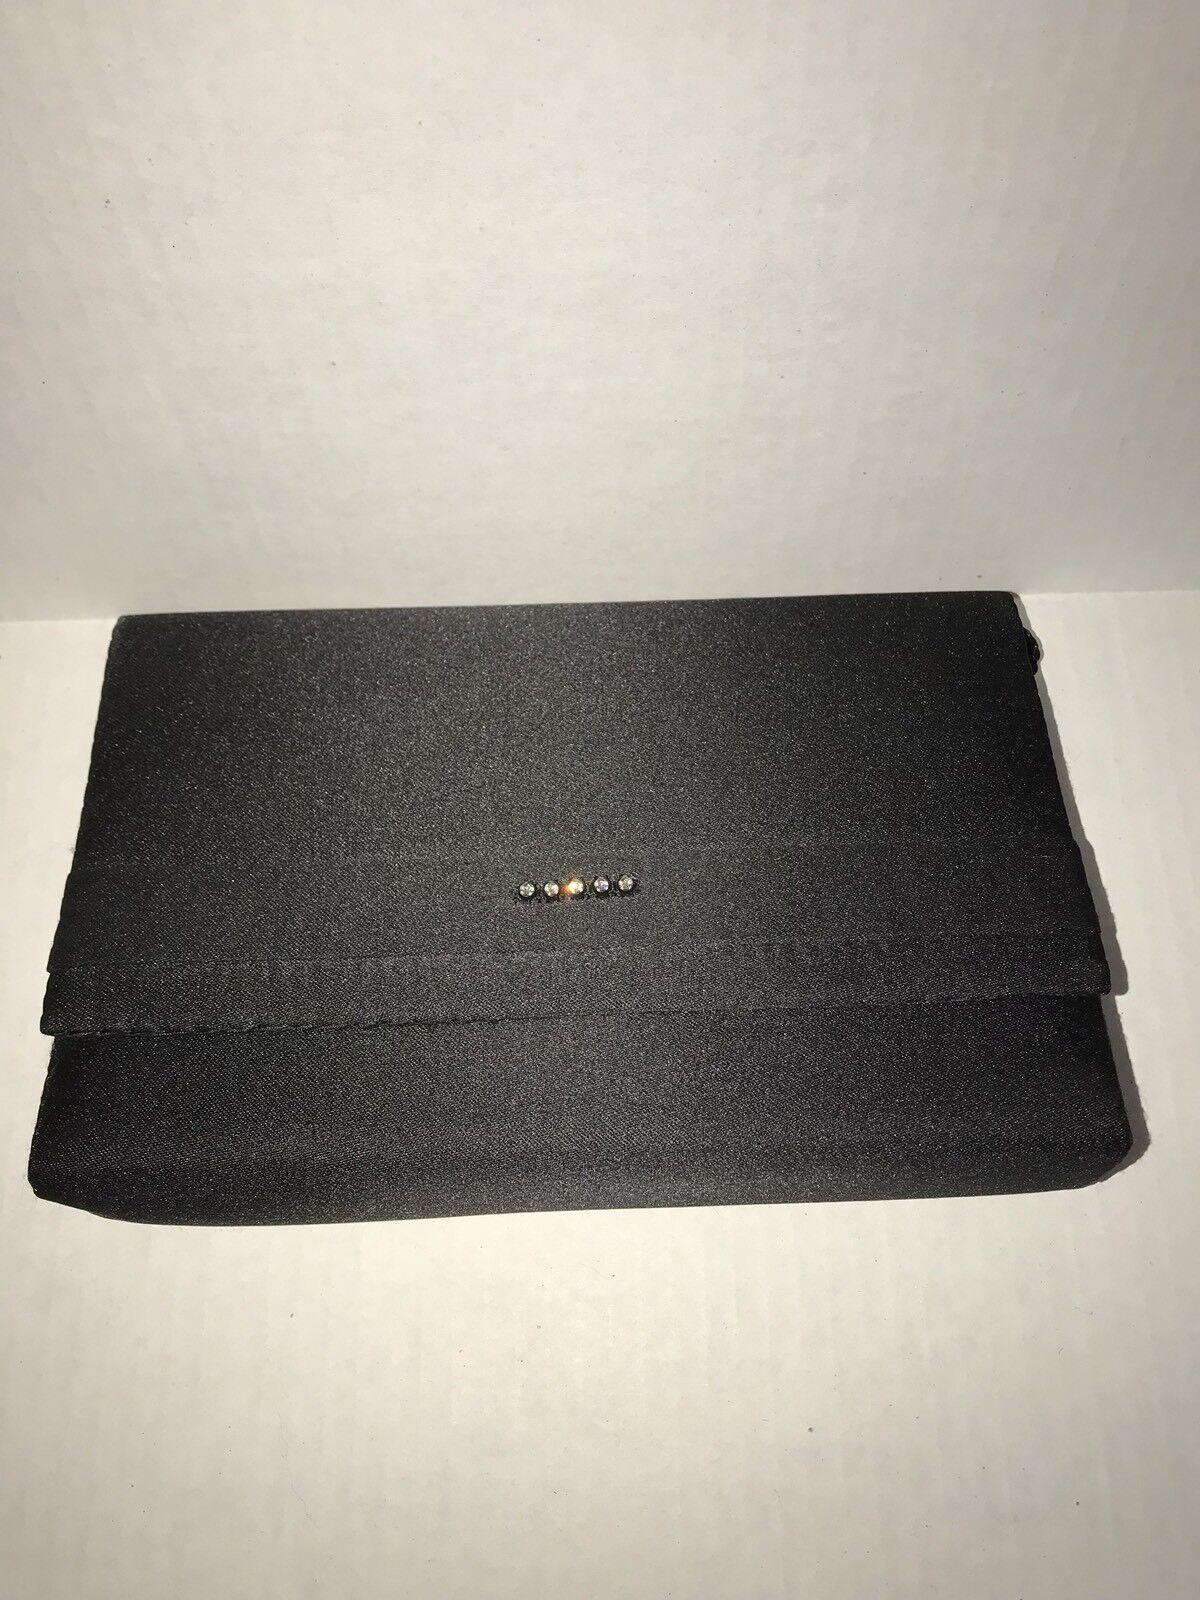 (2) Vintage LA REGALE Clutch Purse Evening Bags Black Beaded Satin